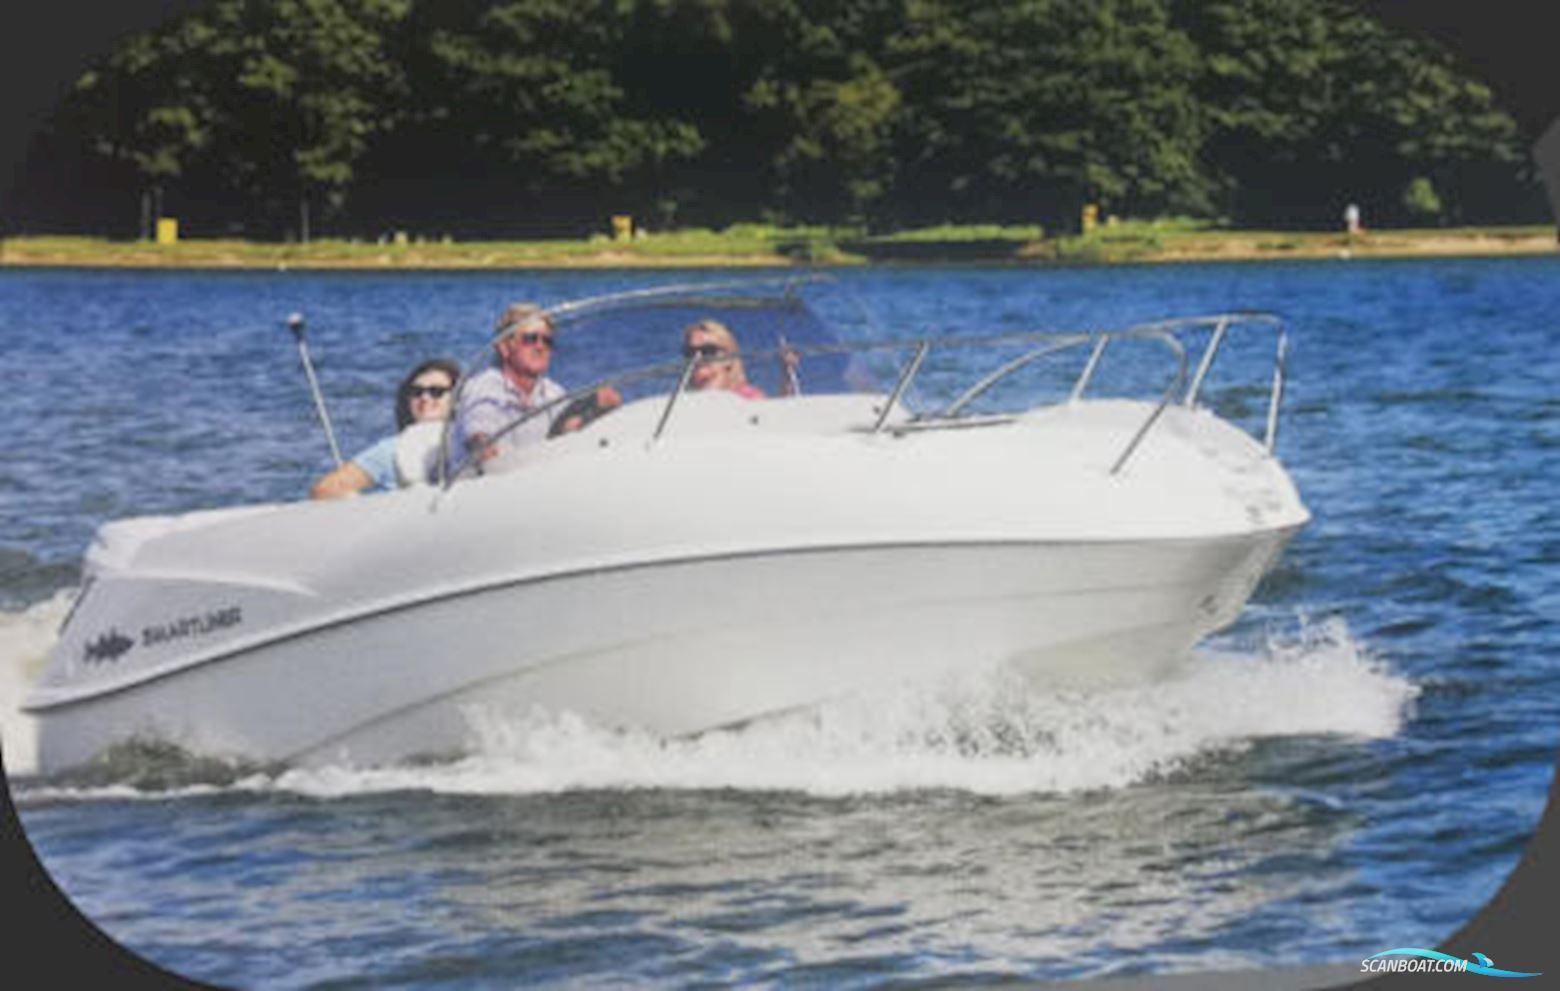 Smartliner Bowrider 226 Sunbreeze